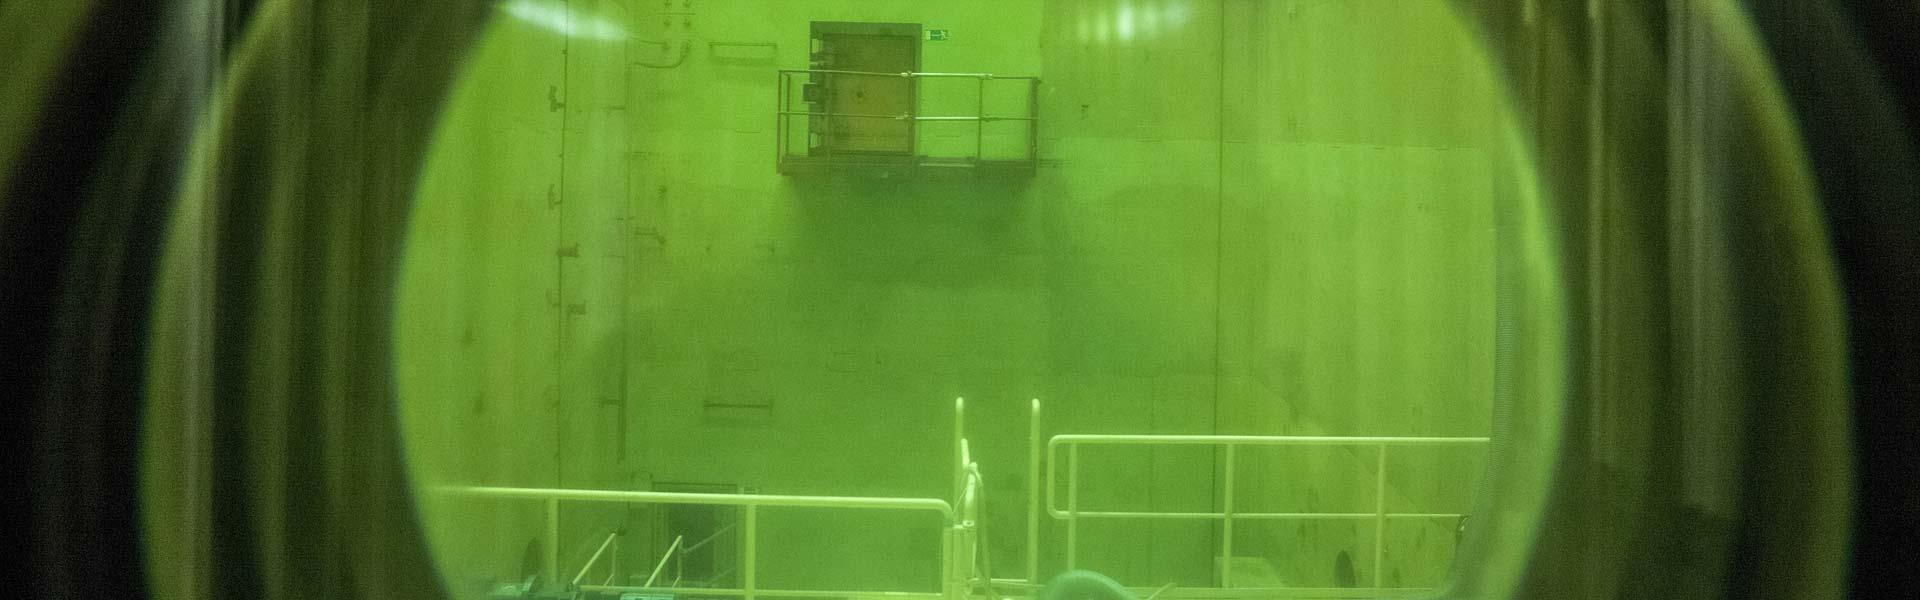 kernenergie pistner christoph neles julia